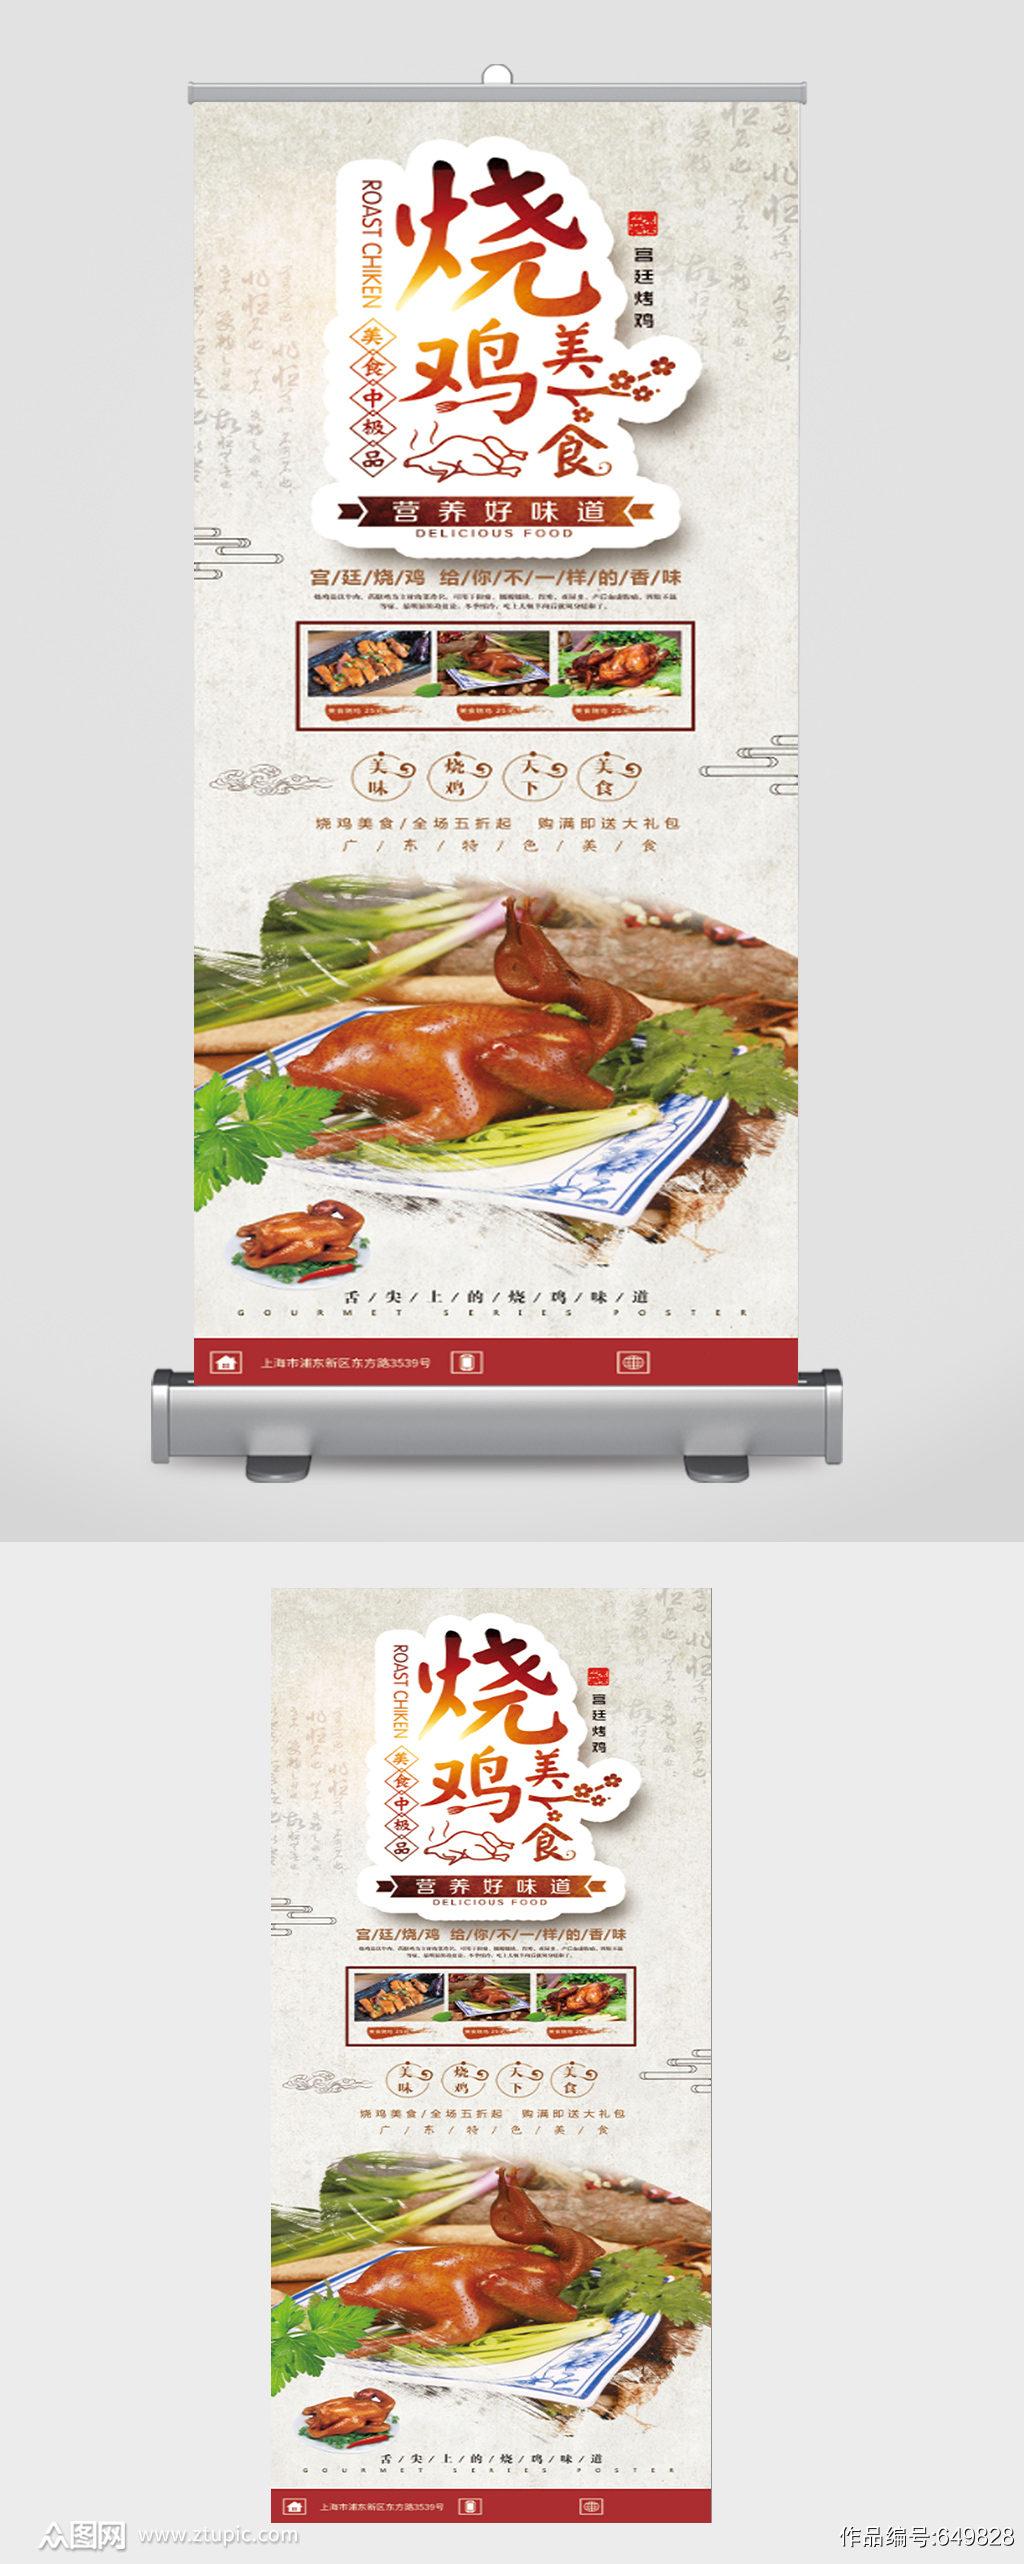 烧鸡美食传统美食展架素材